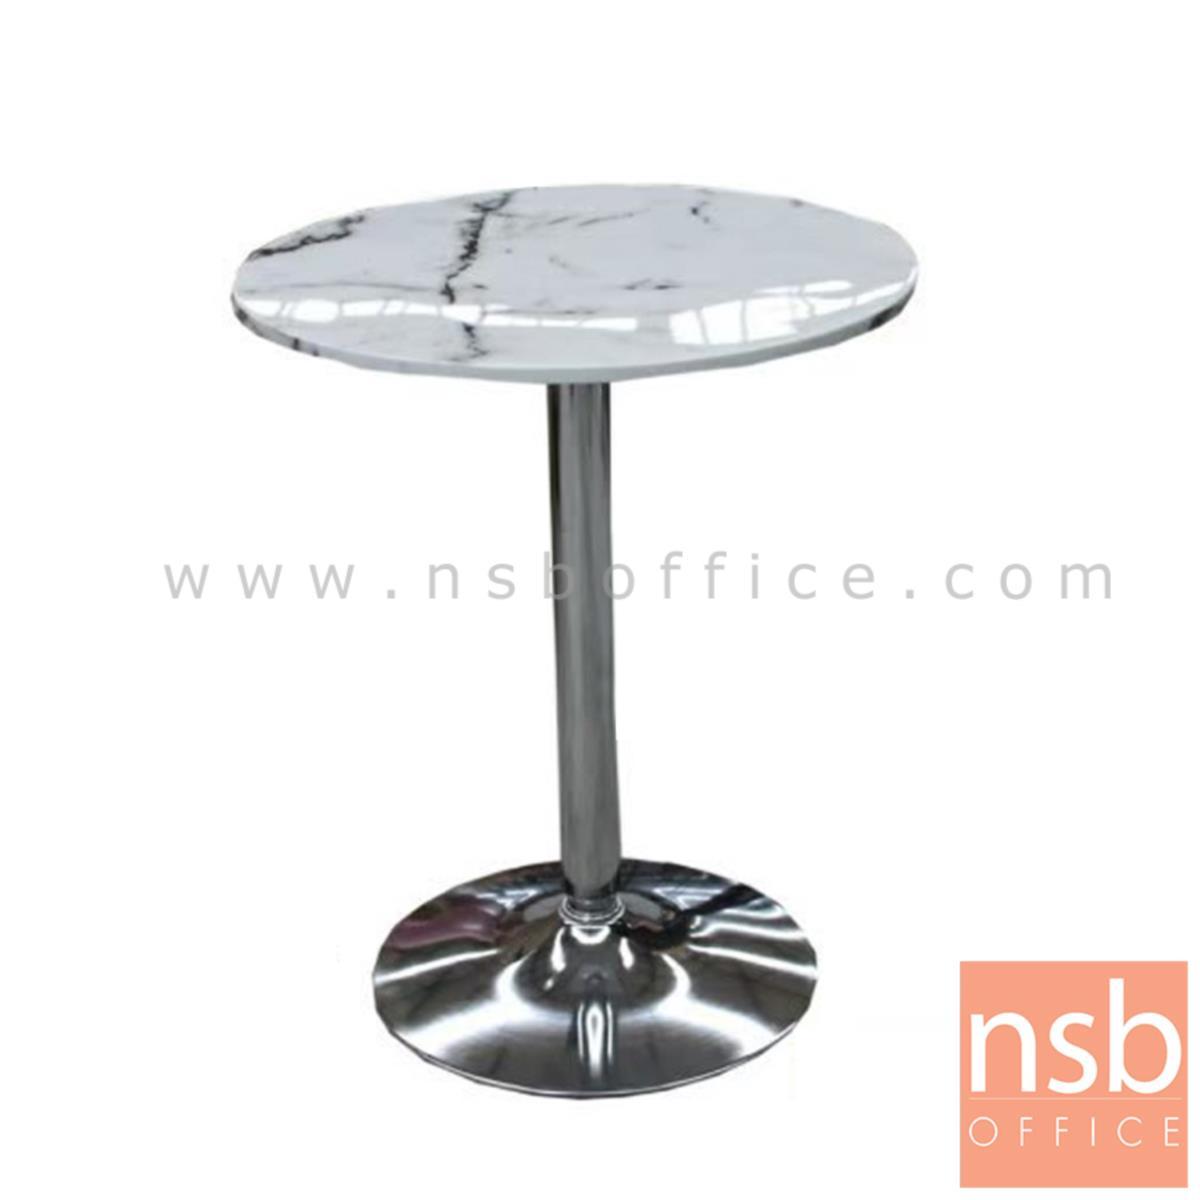 โต๊ะบาร์กลมหน้าท็อปหิน รุ่น Mikhail (มิคาอิล)  ขาเหล็ก